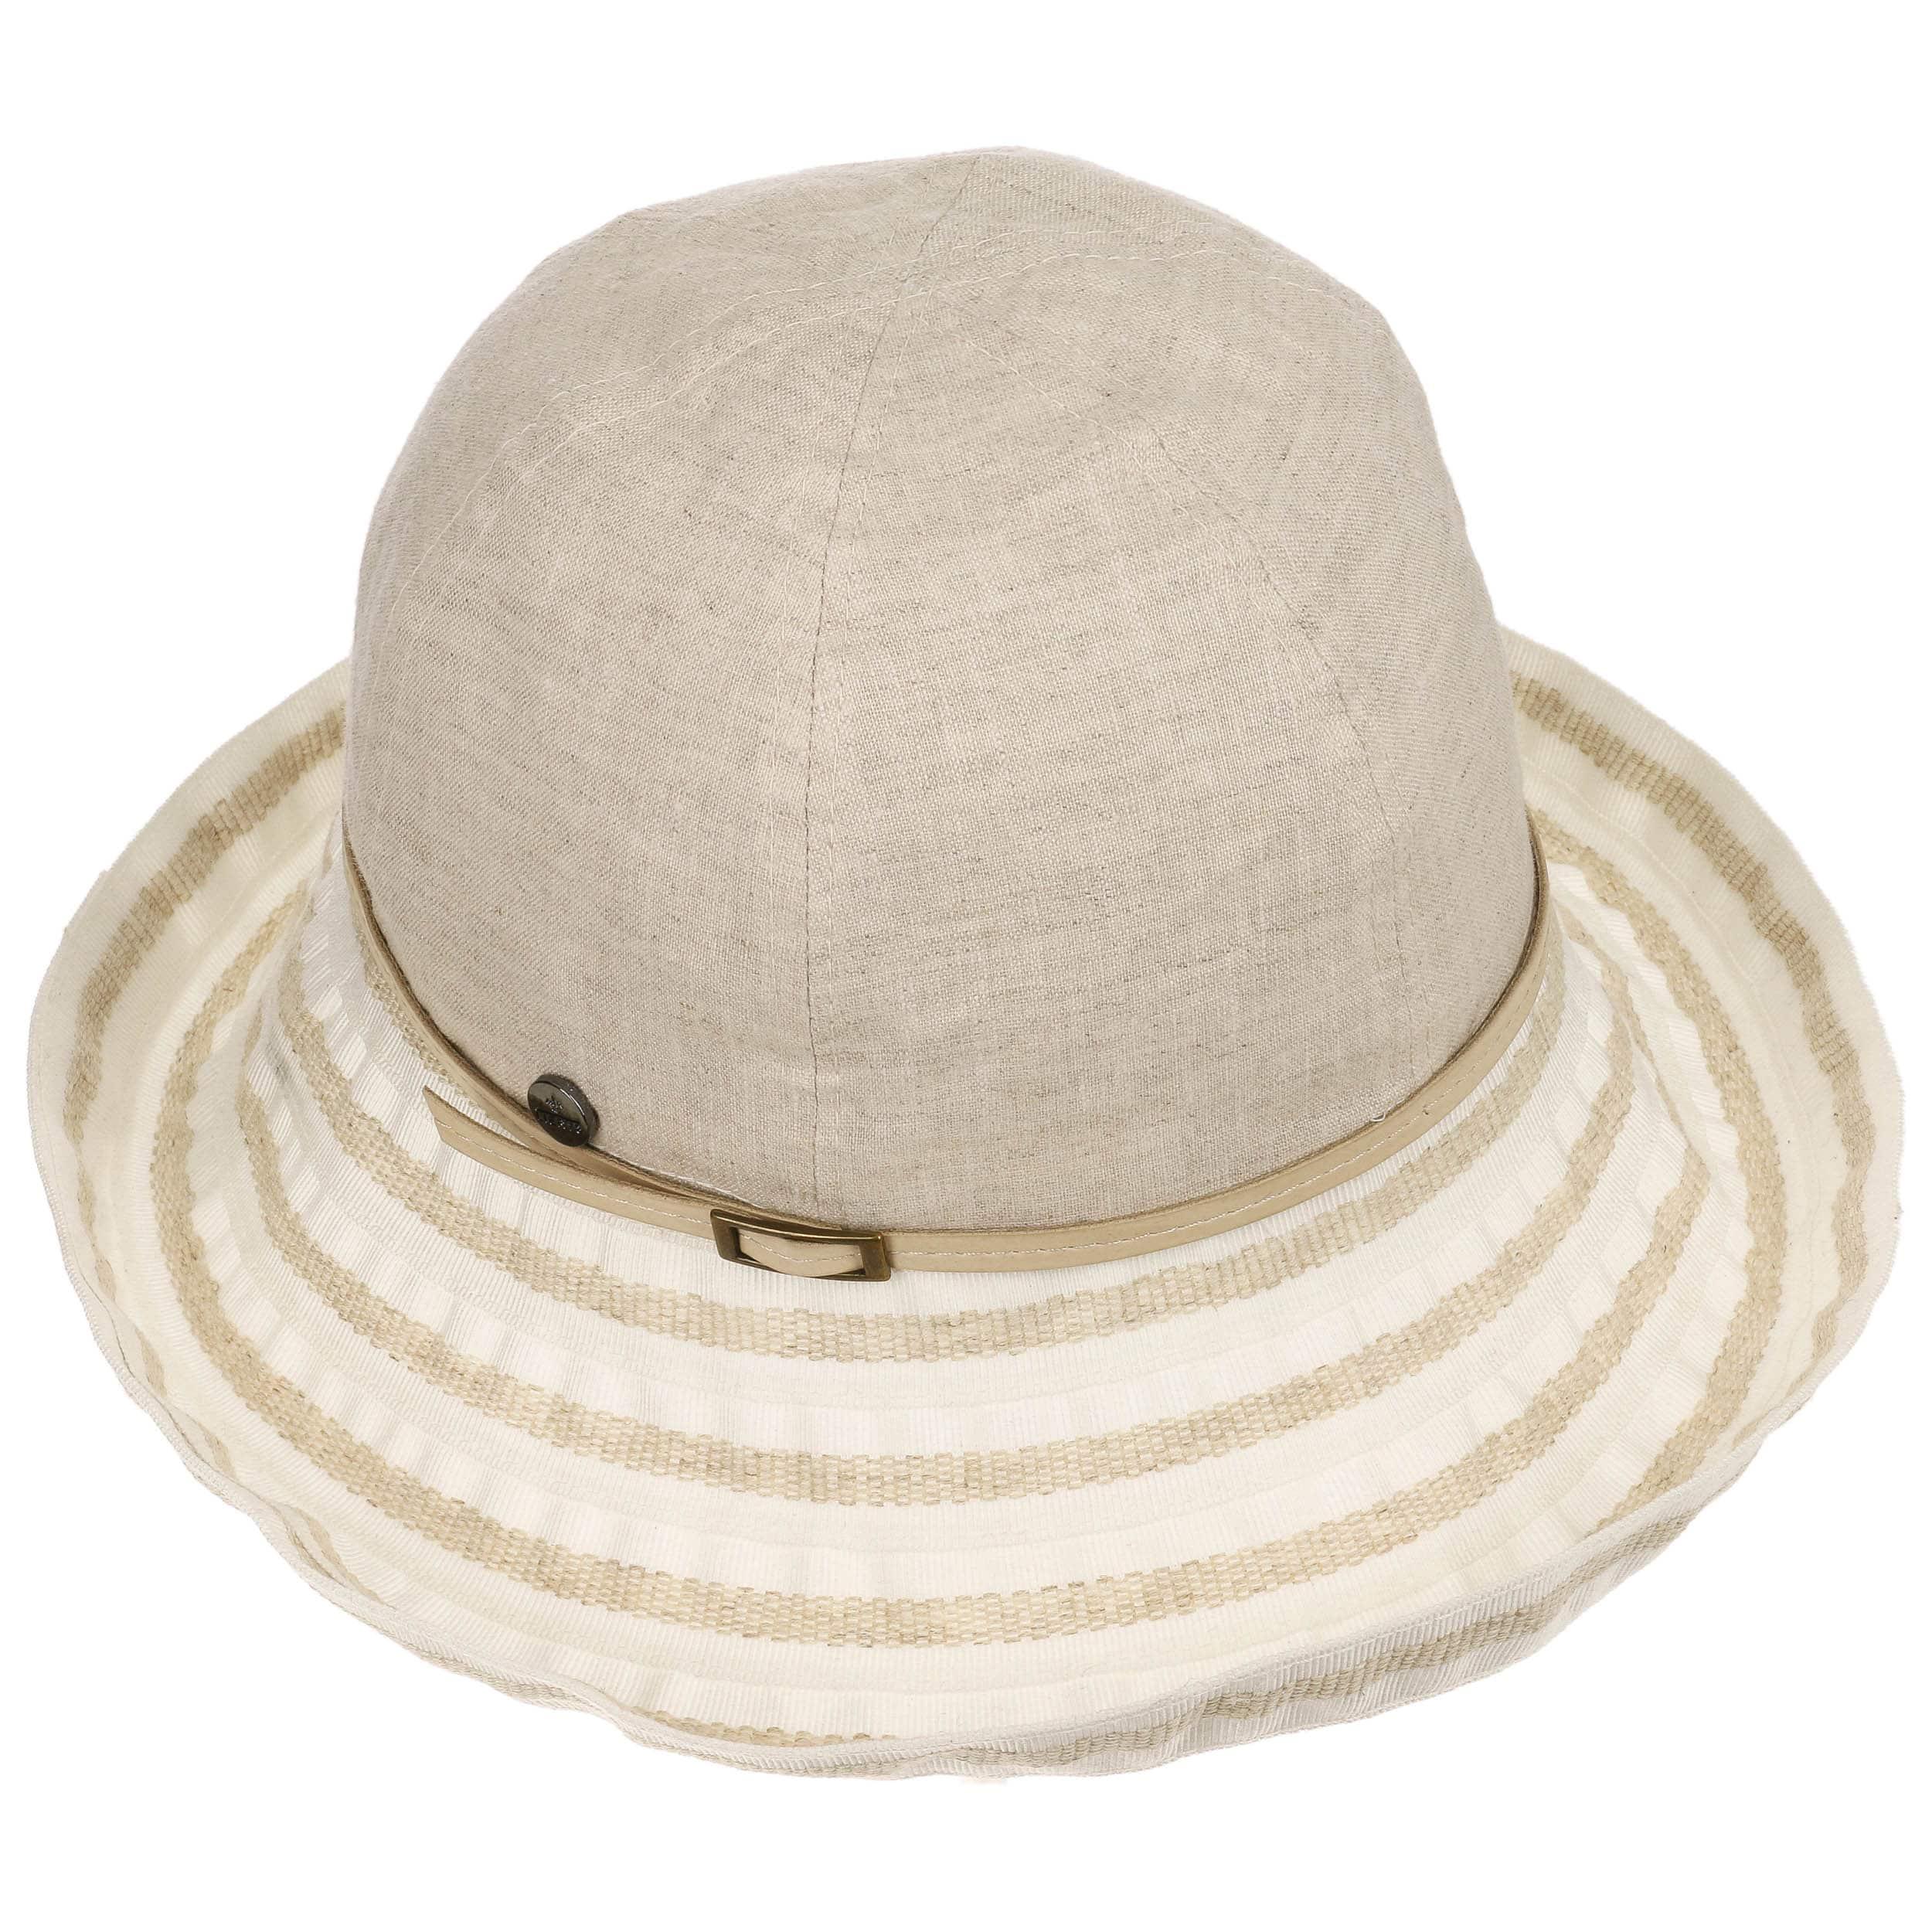 Discount Best Seller 100% Guaranteed Nerea Cloche Cloth Hat by Lierys Sun hats Lierys Sale Hot Sale hy7F3o93